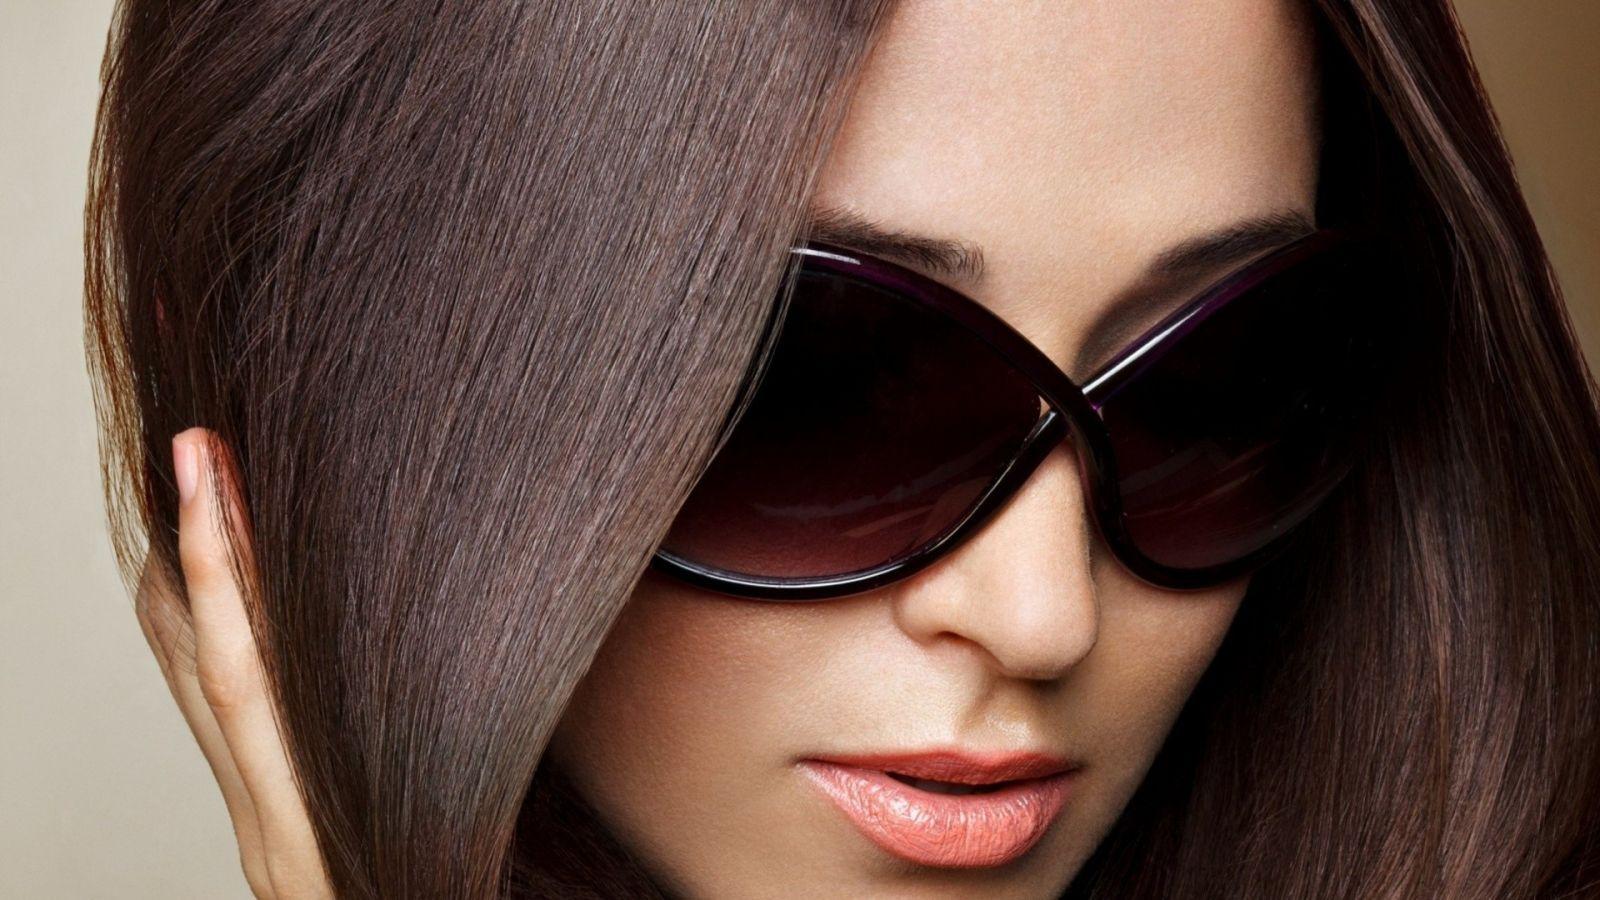 Эротичная девушка в очках